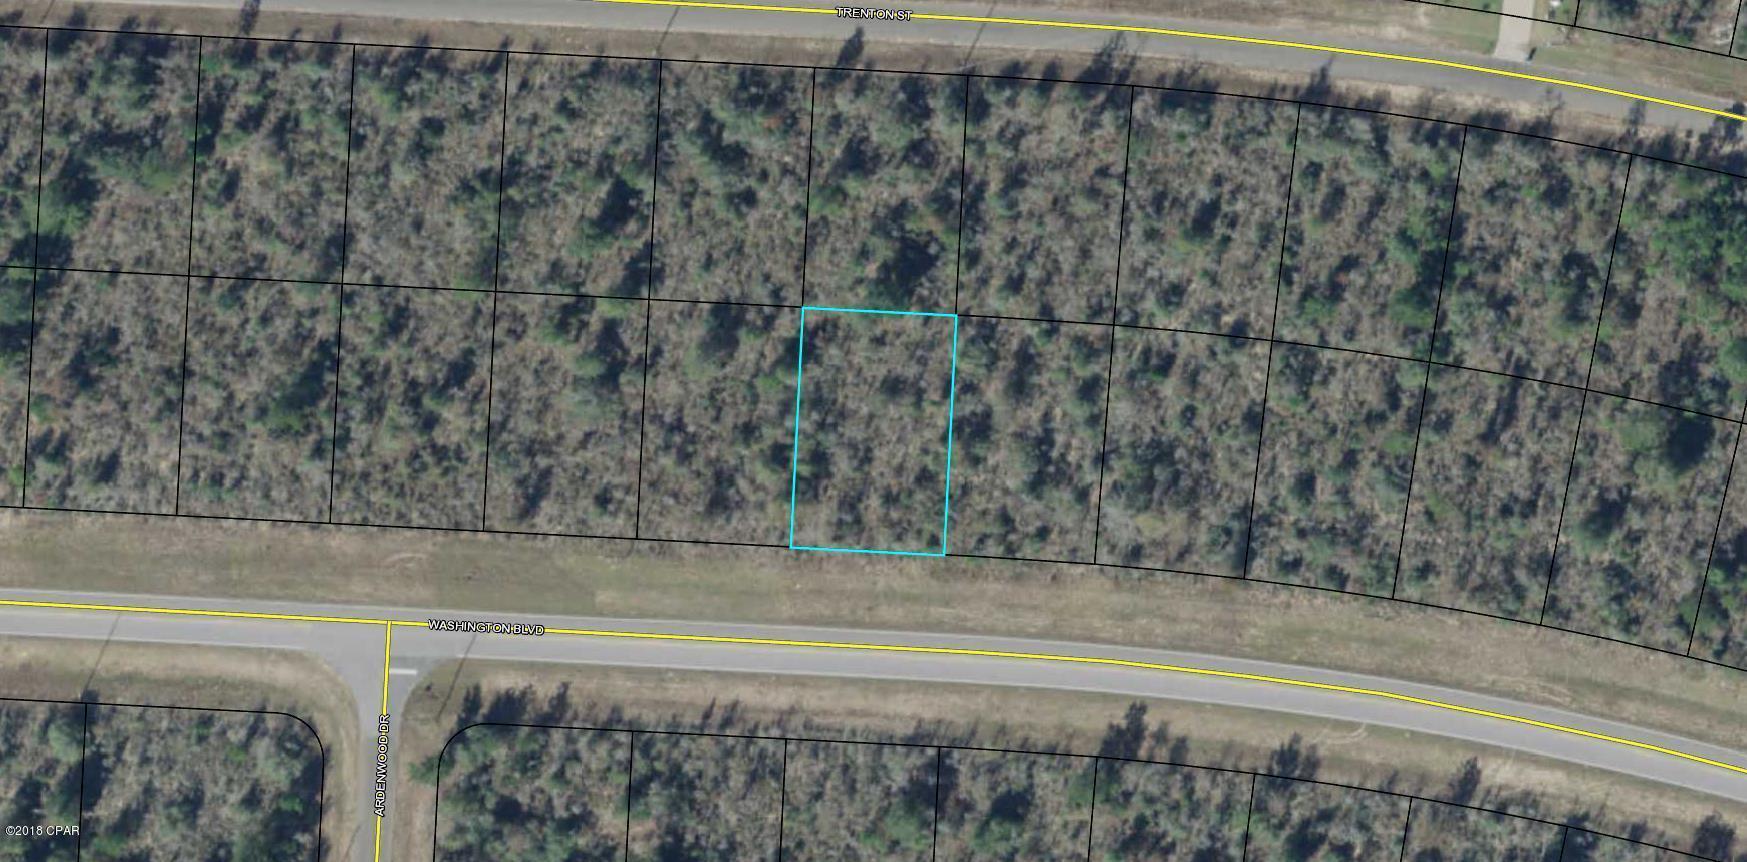 Photo of 0.229 Acre Washington Boulevard Chipley FL 32428